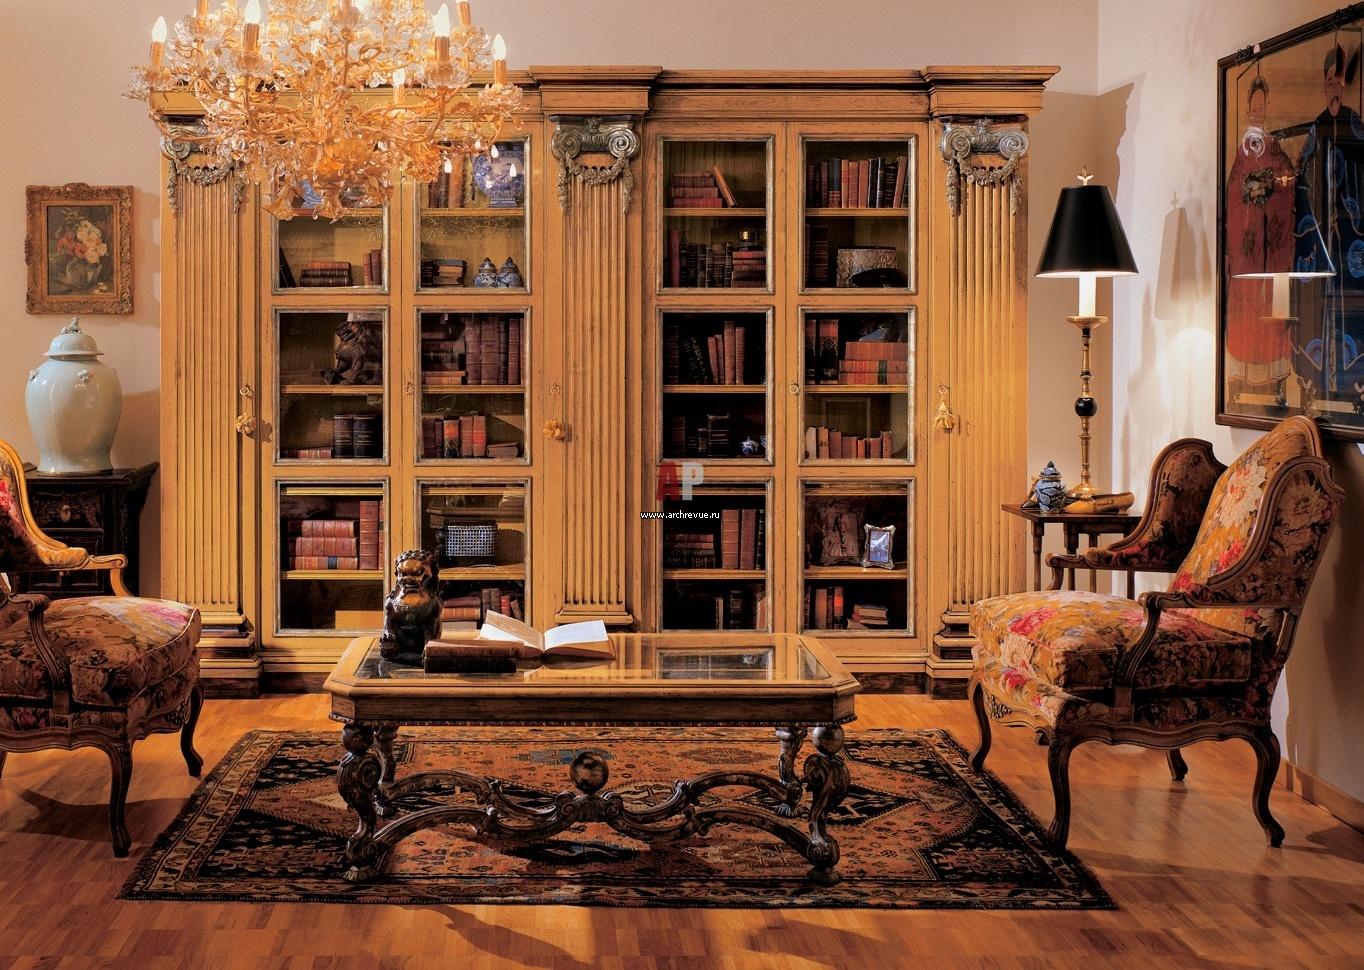 Книжный шкаф 0690/4v provasi - стеллажи - гостиная - купить .